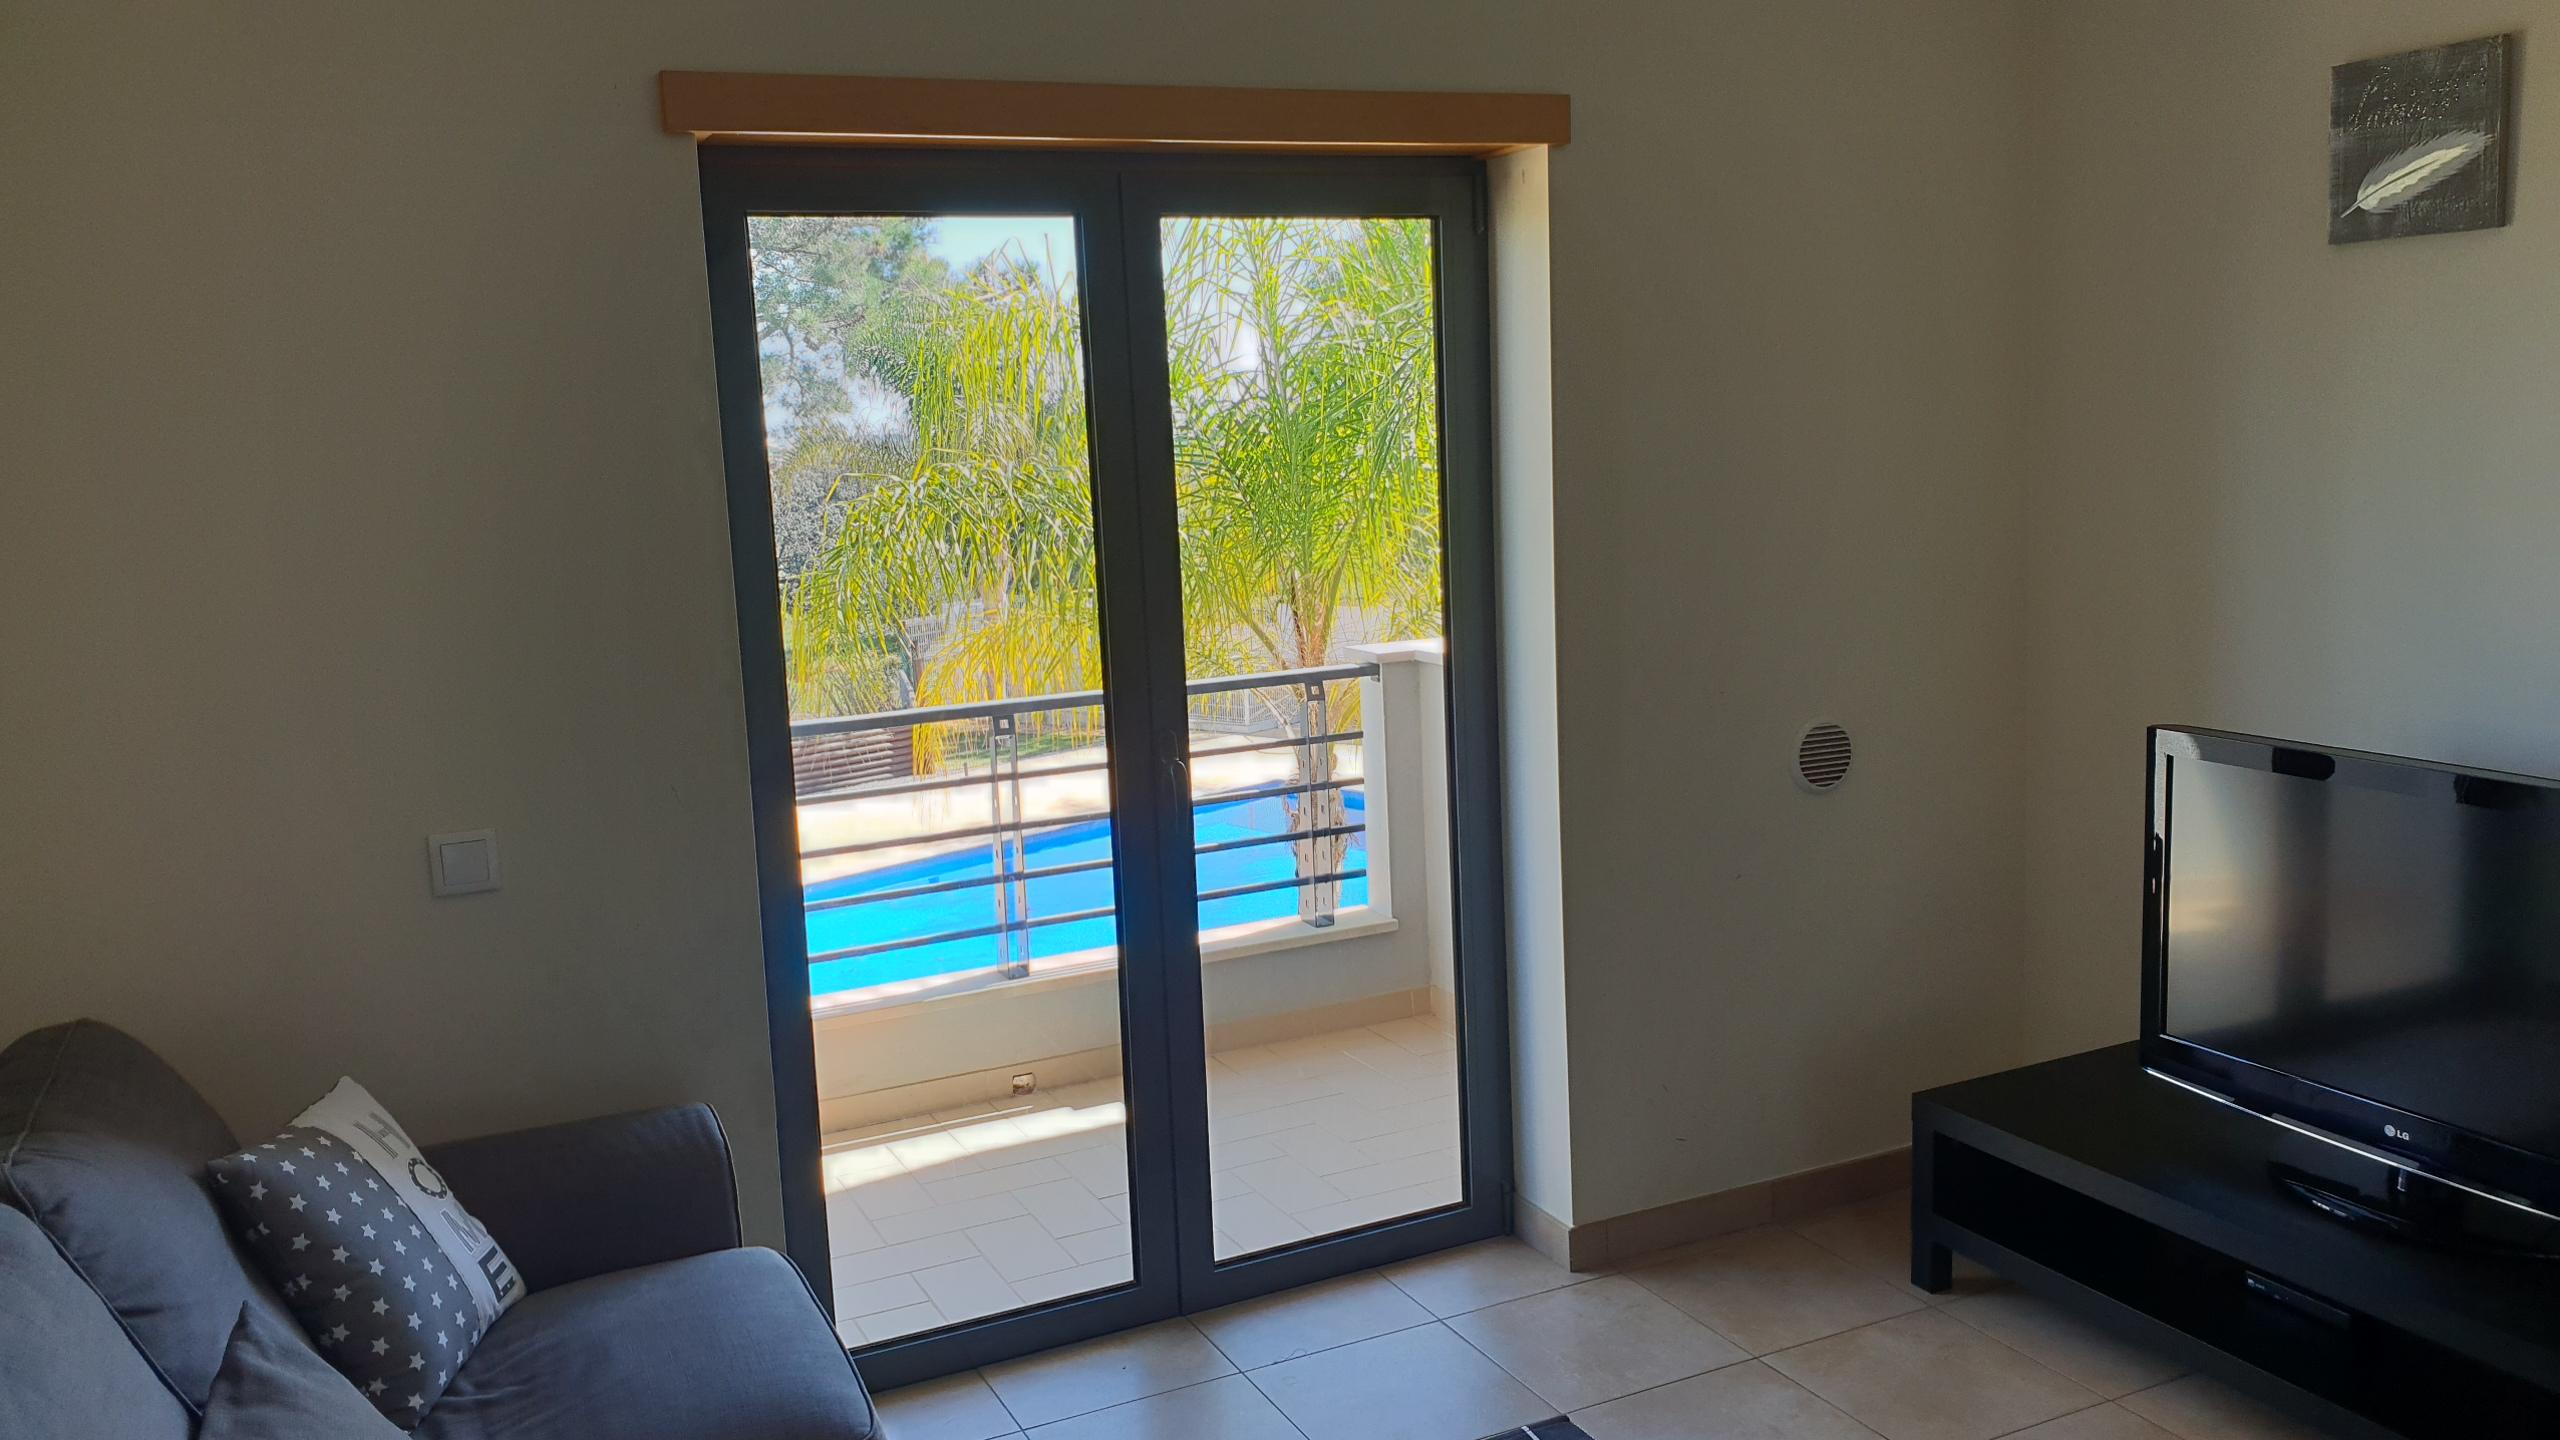 Location appartements et villas de vacance, T1 Olhos de agua à Albufeira, Portugal Algarve, REF_IMG_10004_10010